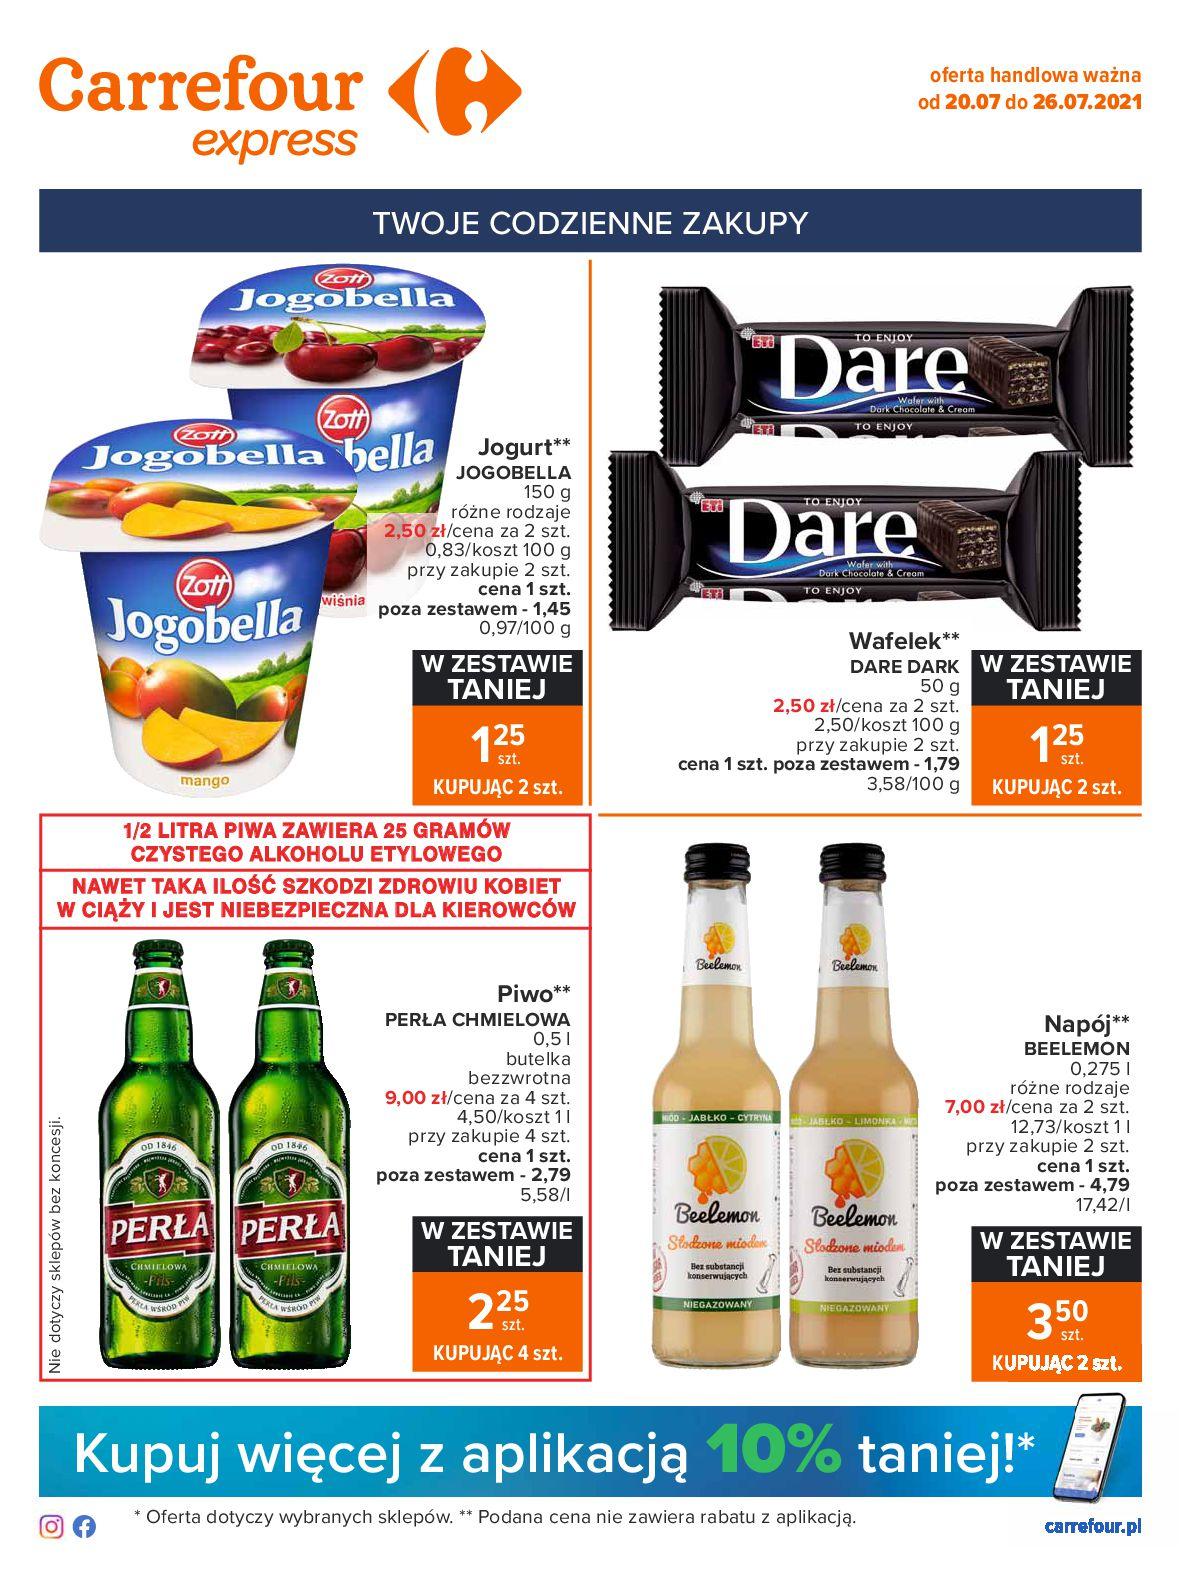 Gazetka Carrefour Express: Gazetka Carrefour Express - codzienne zakupy 2021-07-20 page-1